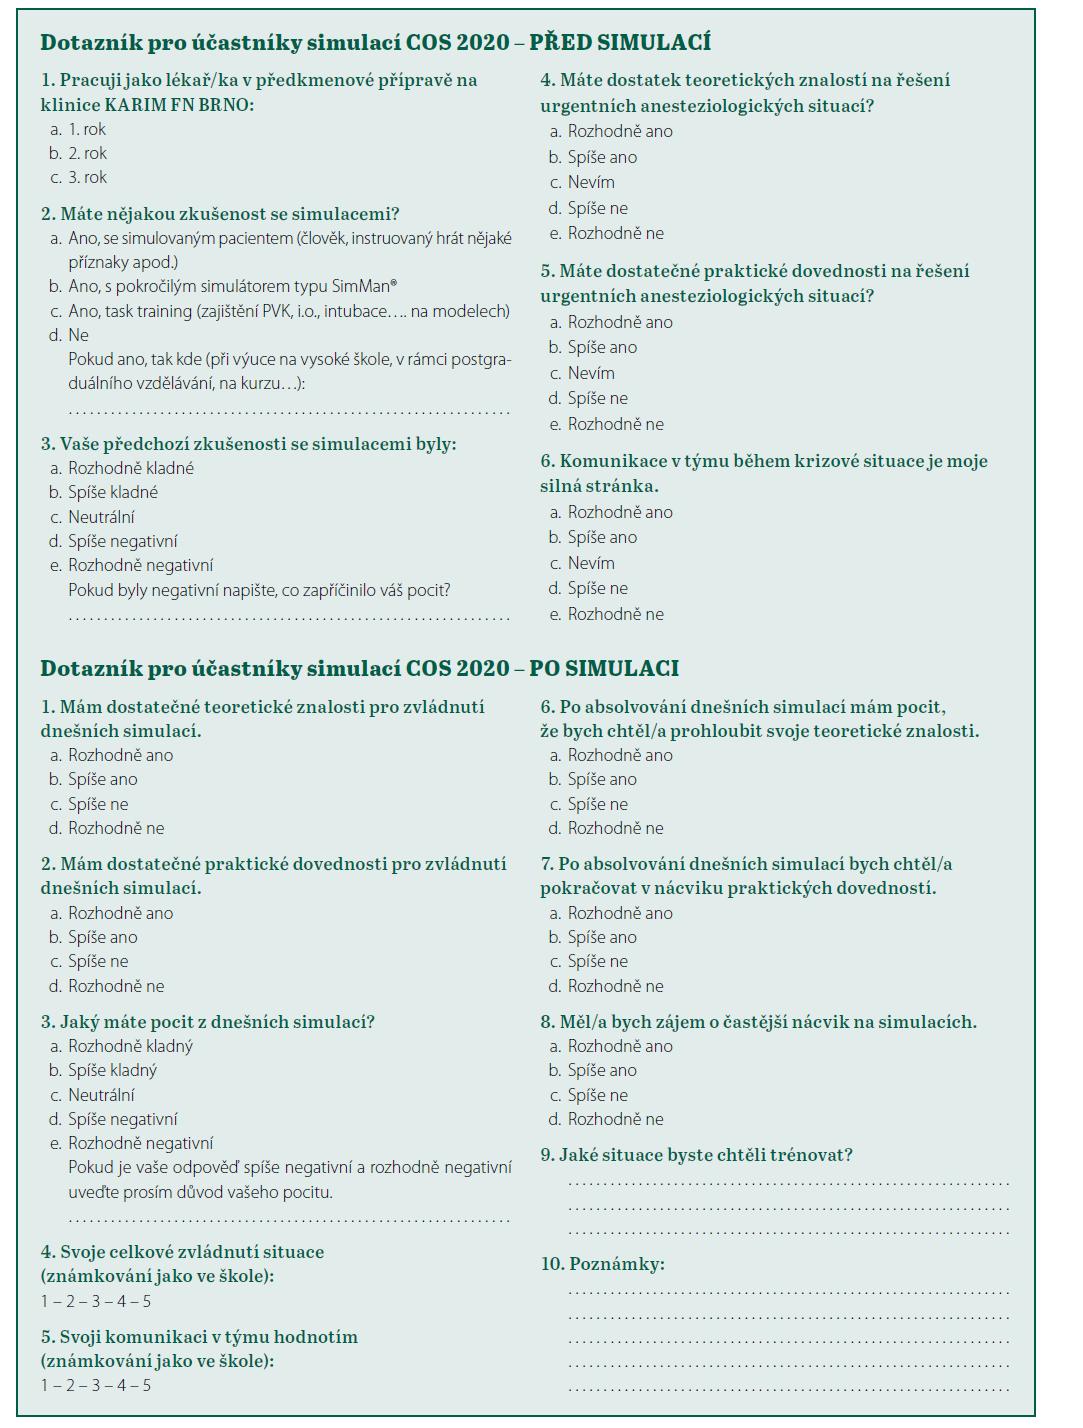 Příloha 2. Dotazník pro účastníky simulací COS 2020